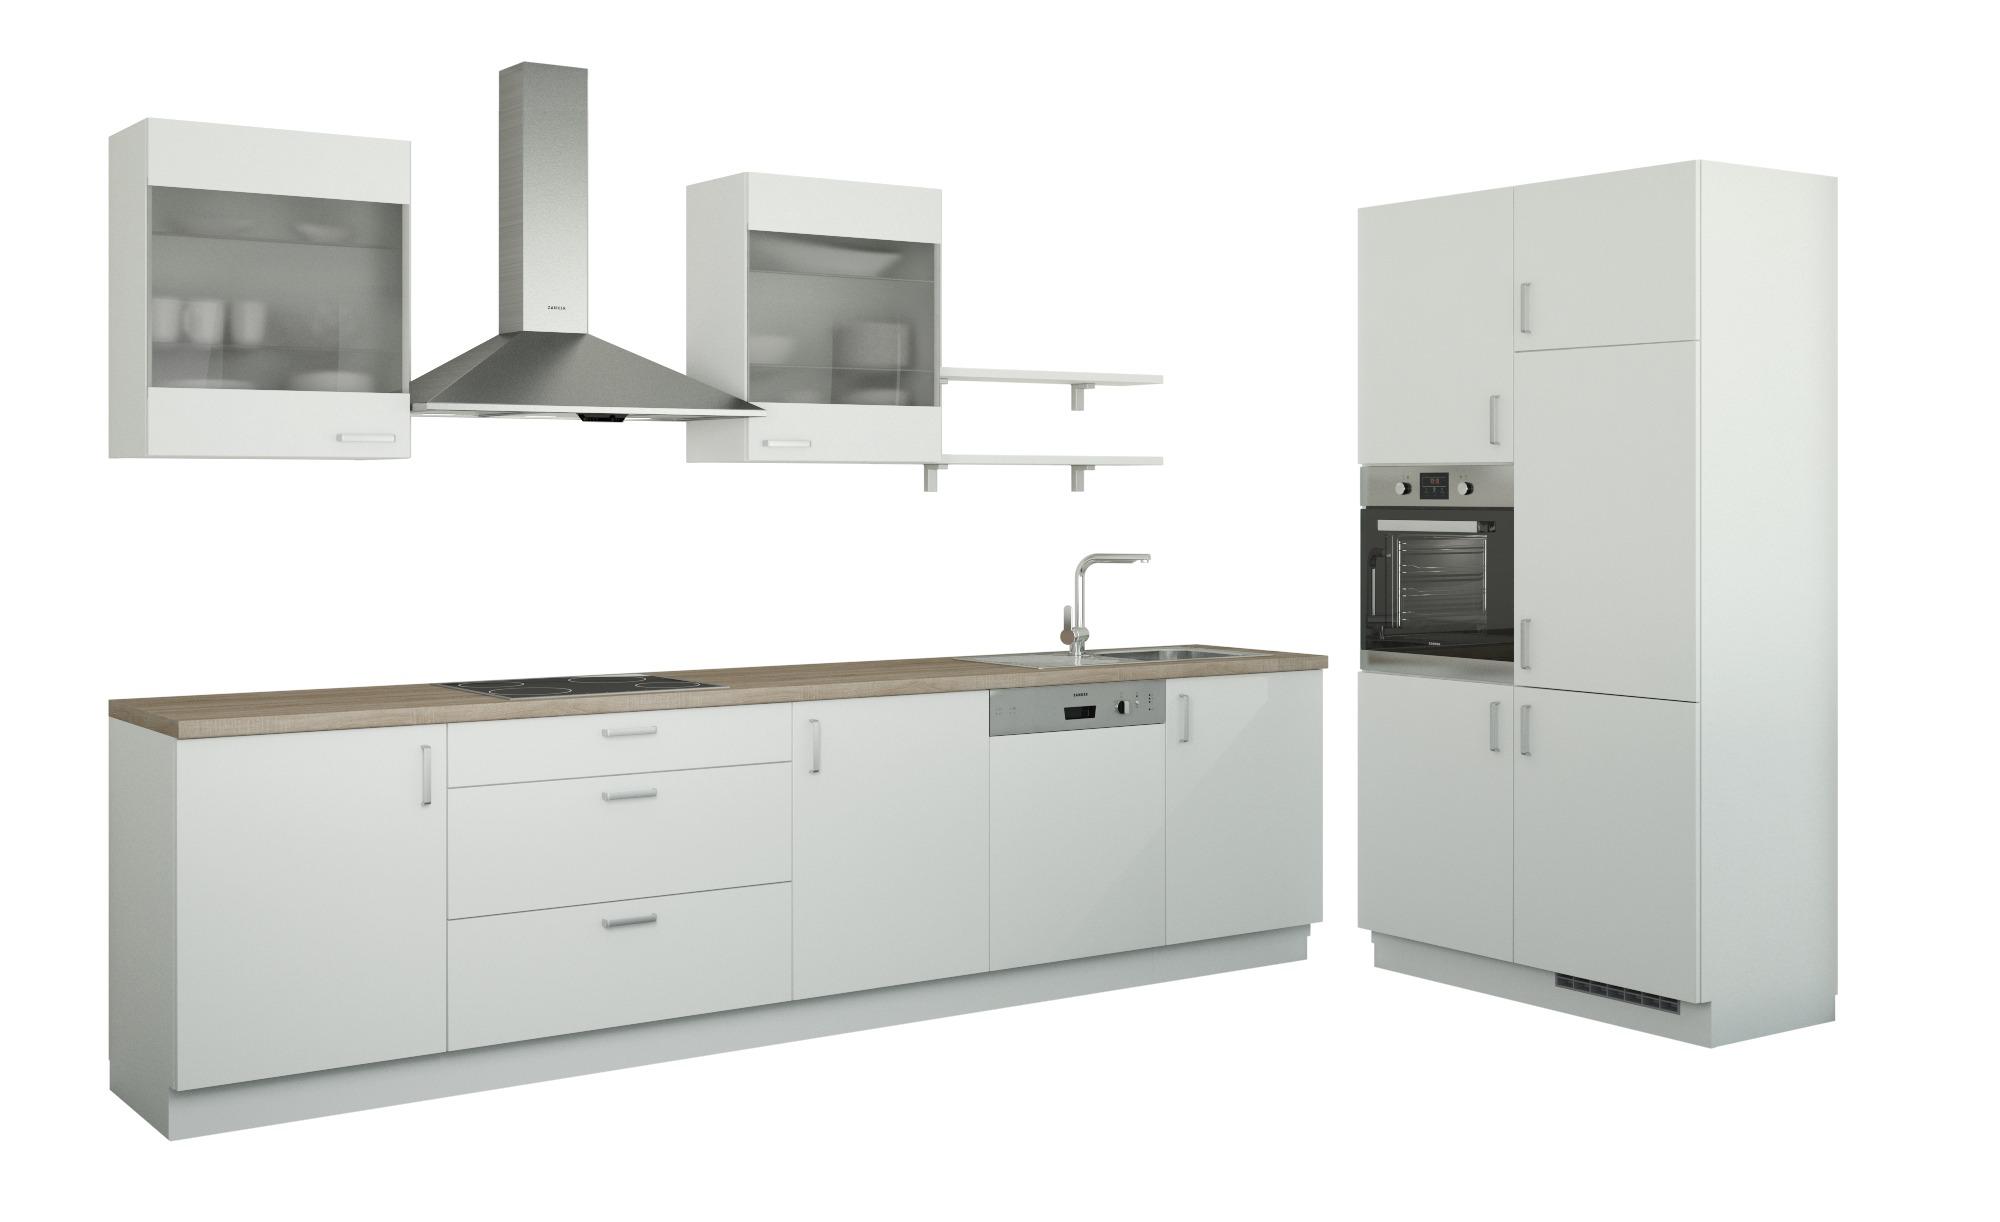 Küchenzeile ohne Elektrogeräte  Frankfurt ¦ weiß Küchen > Küchenblöcke ohne E-Geräte - Höffner | Küche und Esszimmer > Küchen | Möbel Höffner DE